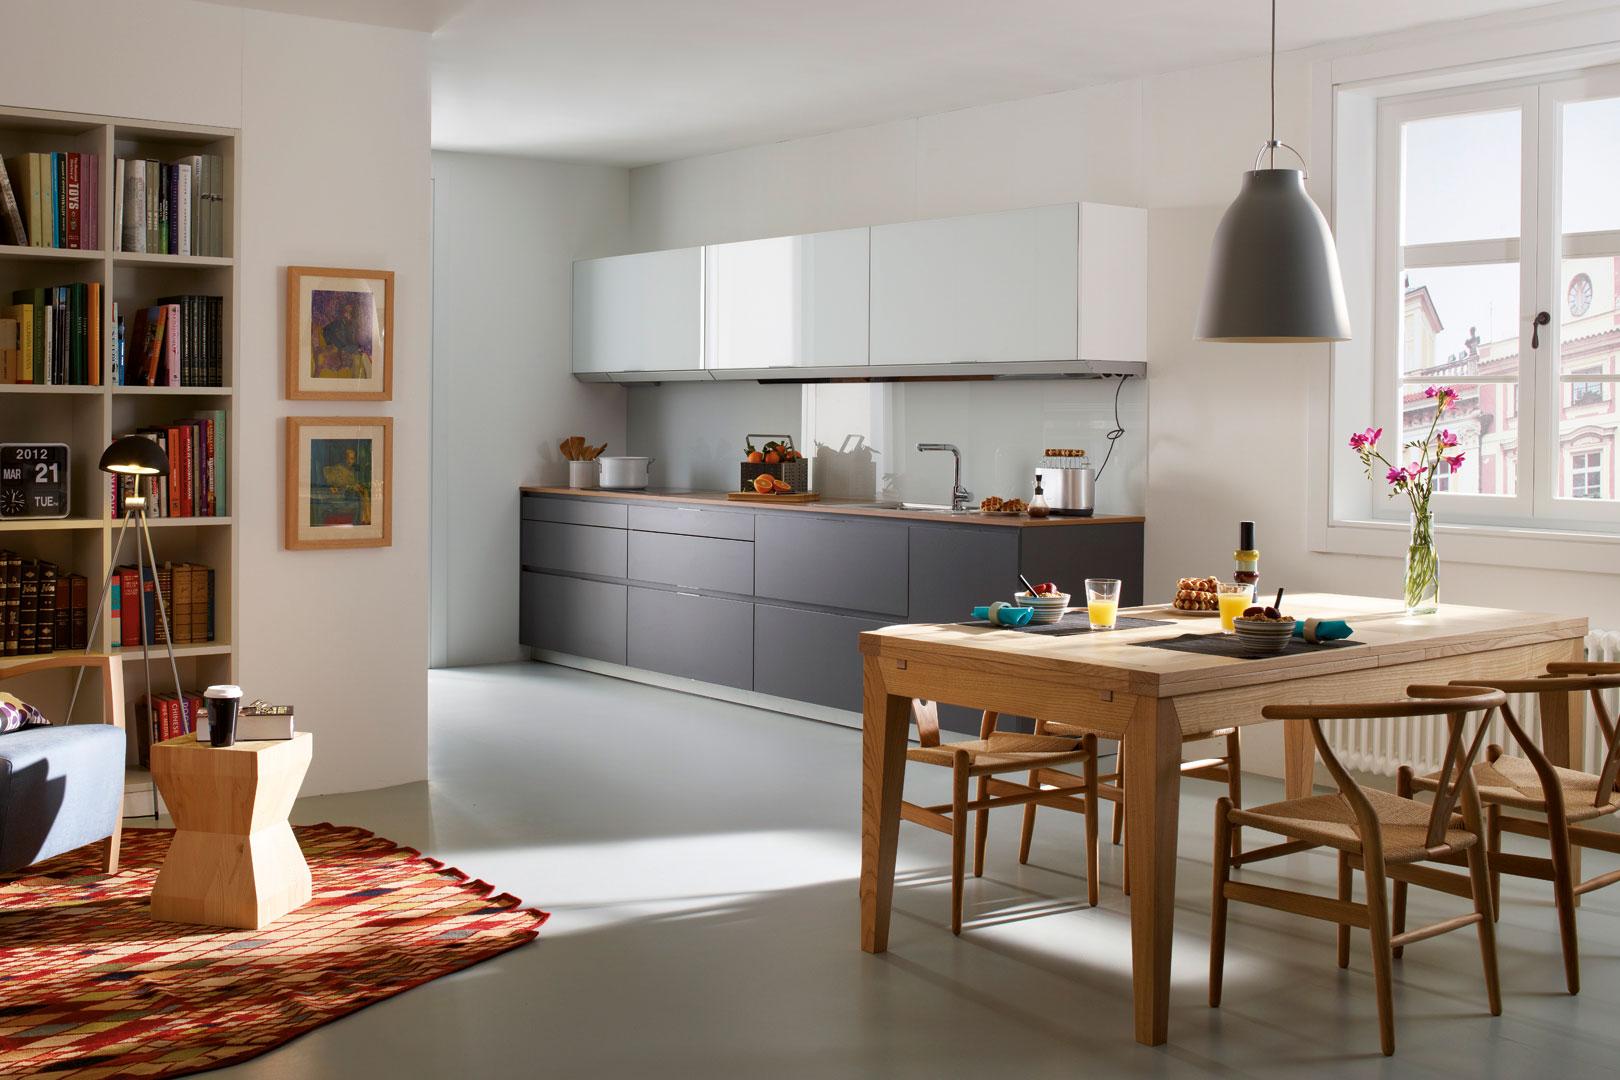 Encimeras de cocina c mo elegir la m s adecuada cocinas santos santiago interiores - Materiales de encimeras de cocina ...